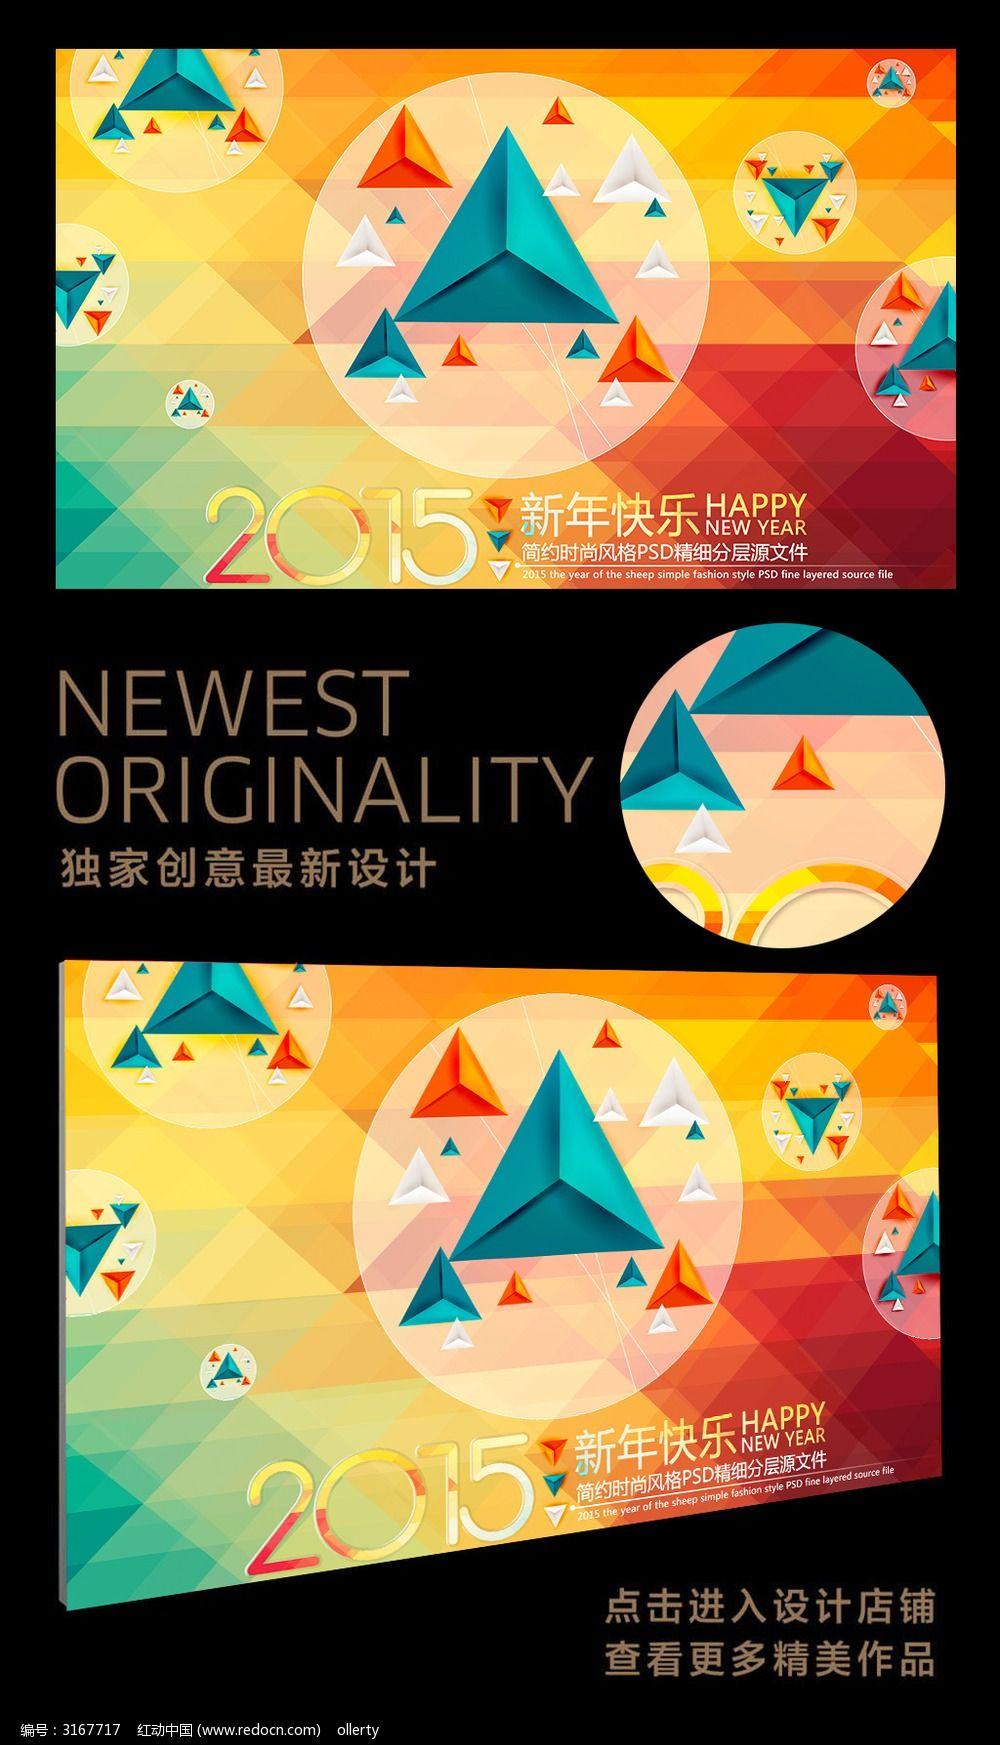 原创设计稿 节日素材 春节 时尚2015创意海报设计  请您分享: 红动网图片